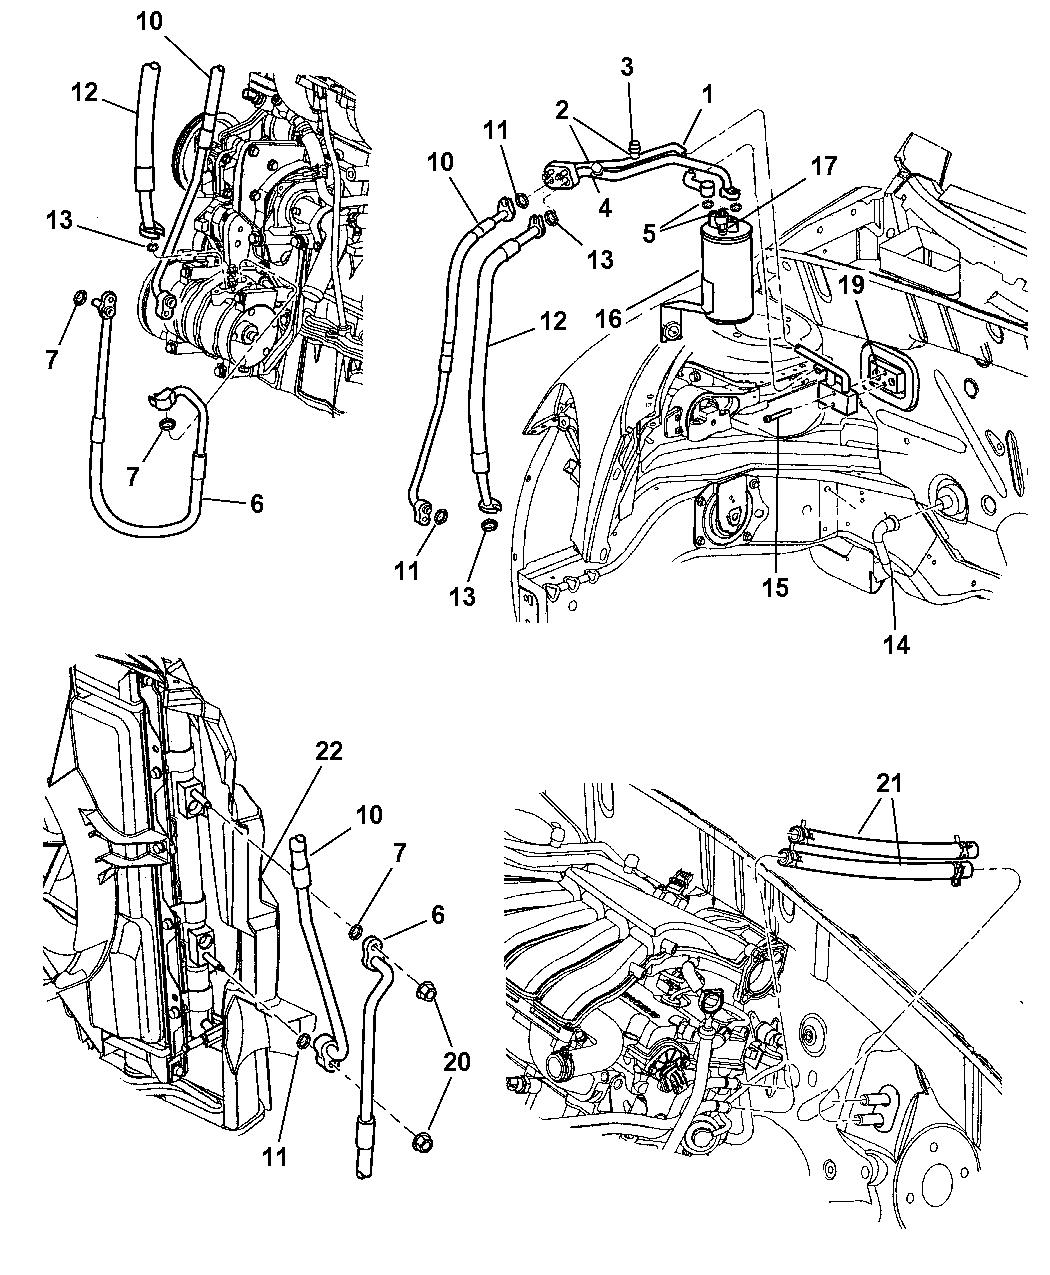 5278560AC - Genuine Chrysler LINE-A/C SUCTION